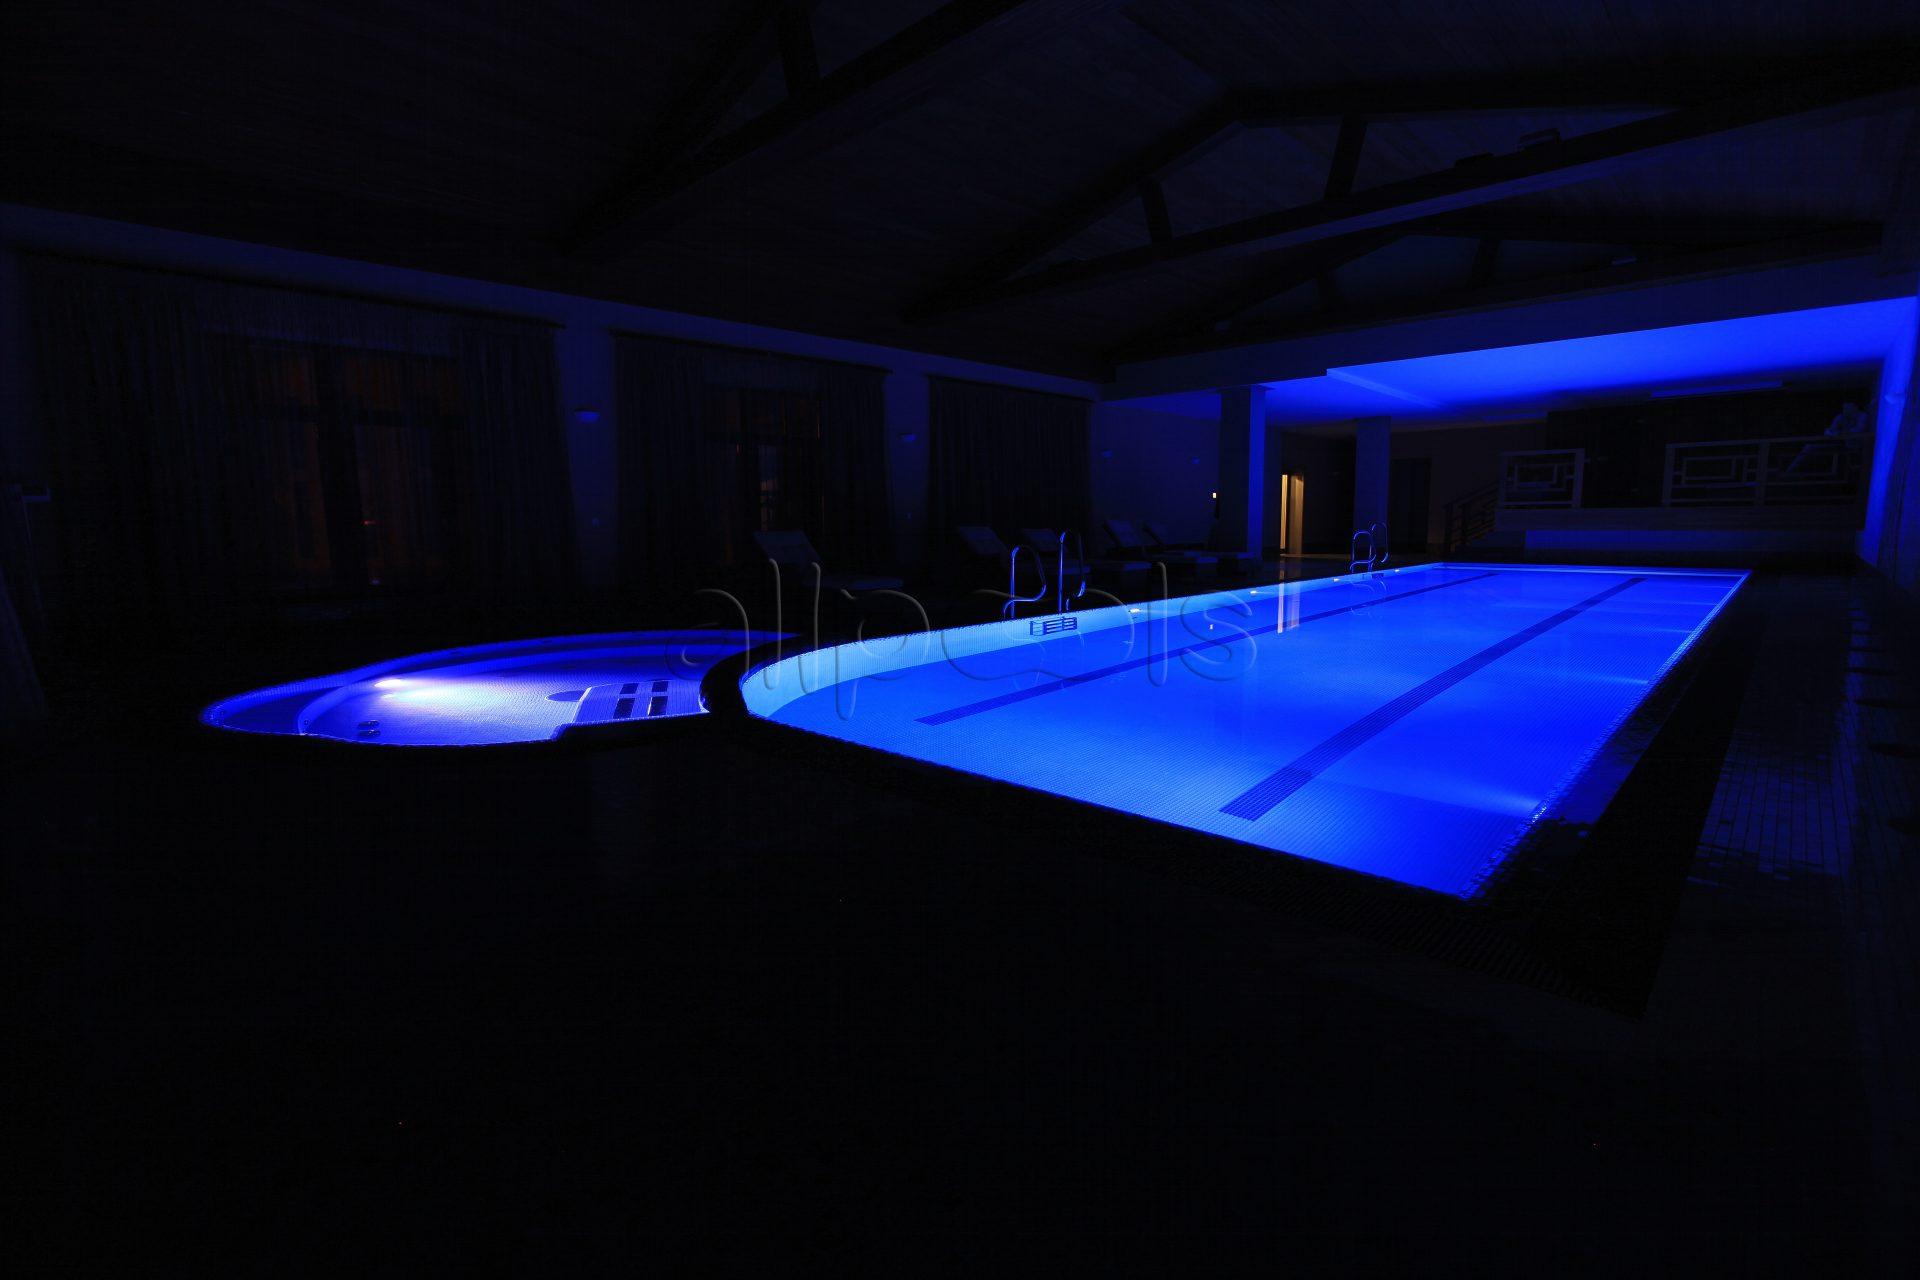 Разноцветное освещение в бассейне с джакузи. Ярко-синий цвет с выключенным светом